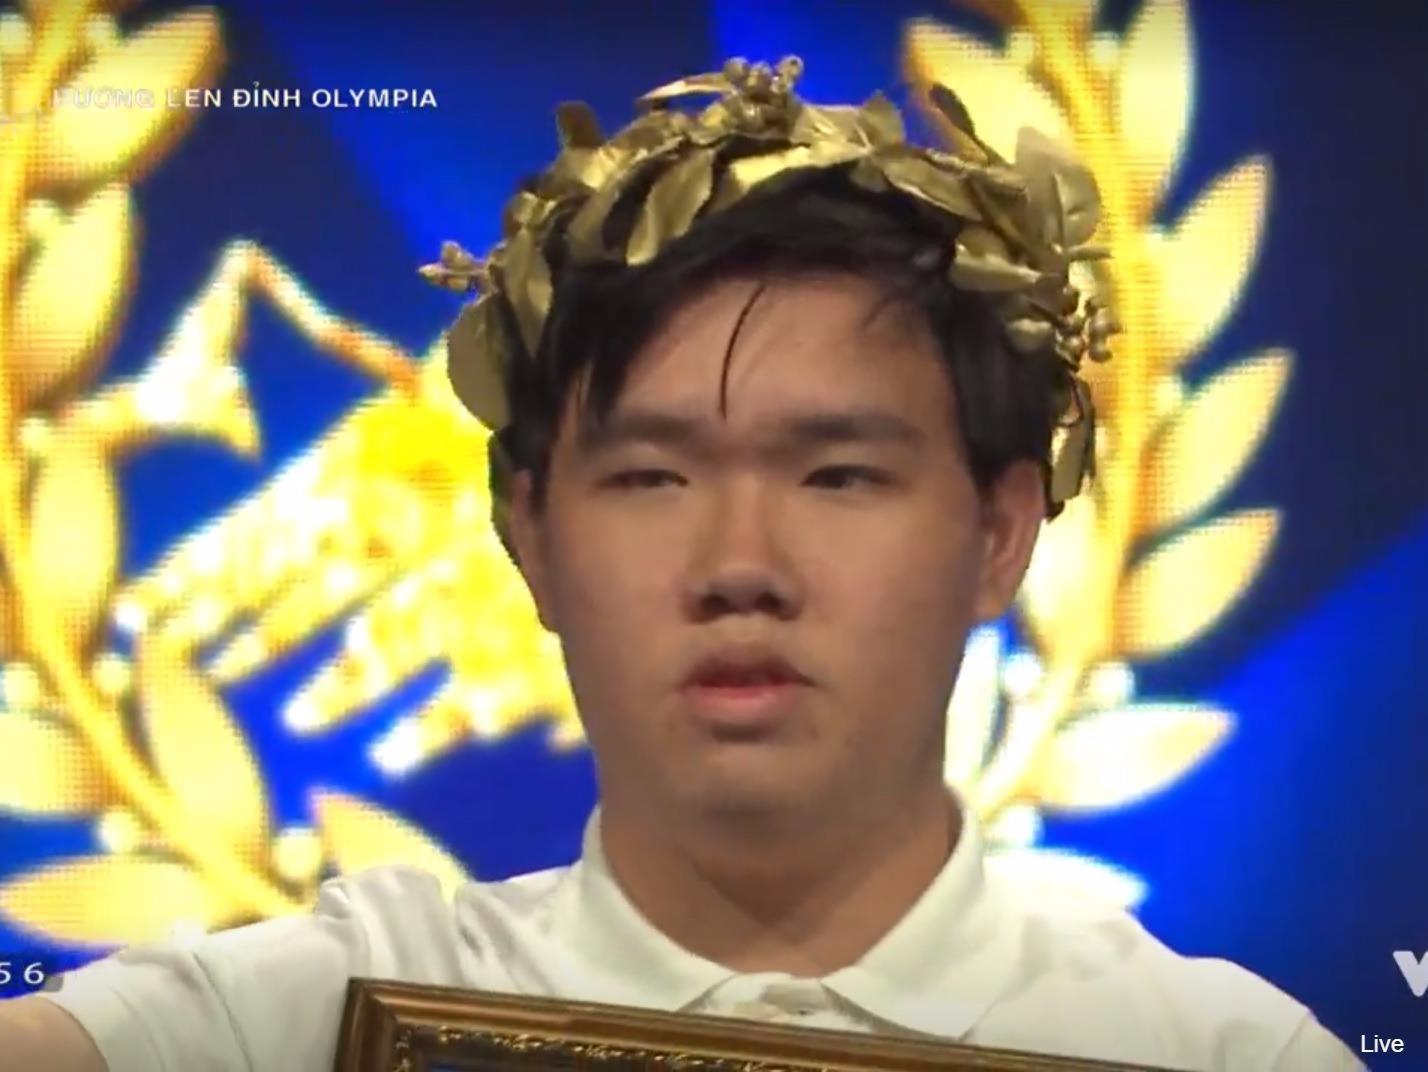 """Cuộc thi tháng Olympia khiến các """"chiến binh"""" can đảm nhất bật khóc"""